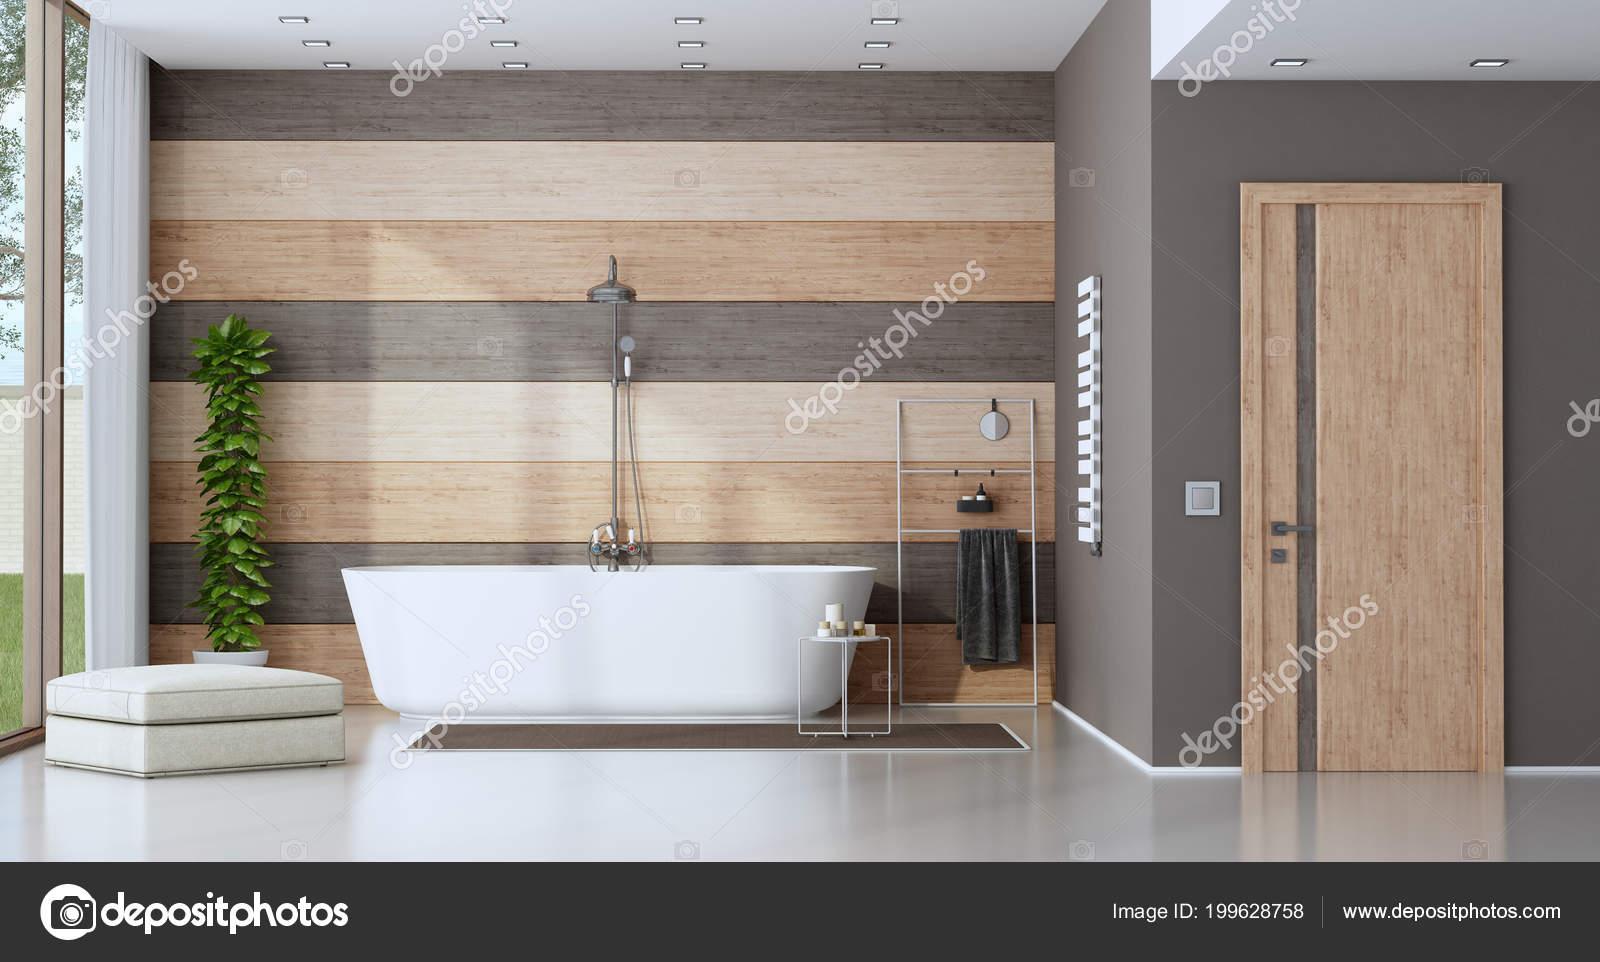 Vasca Da Bagno Espanol : Bagno moderno con vasca bagno contro parete legno rendering u2014 foto